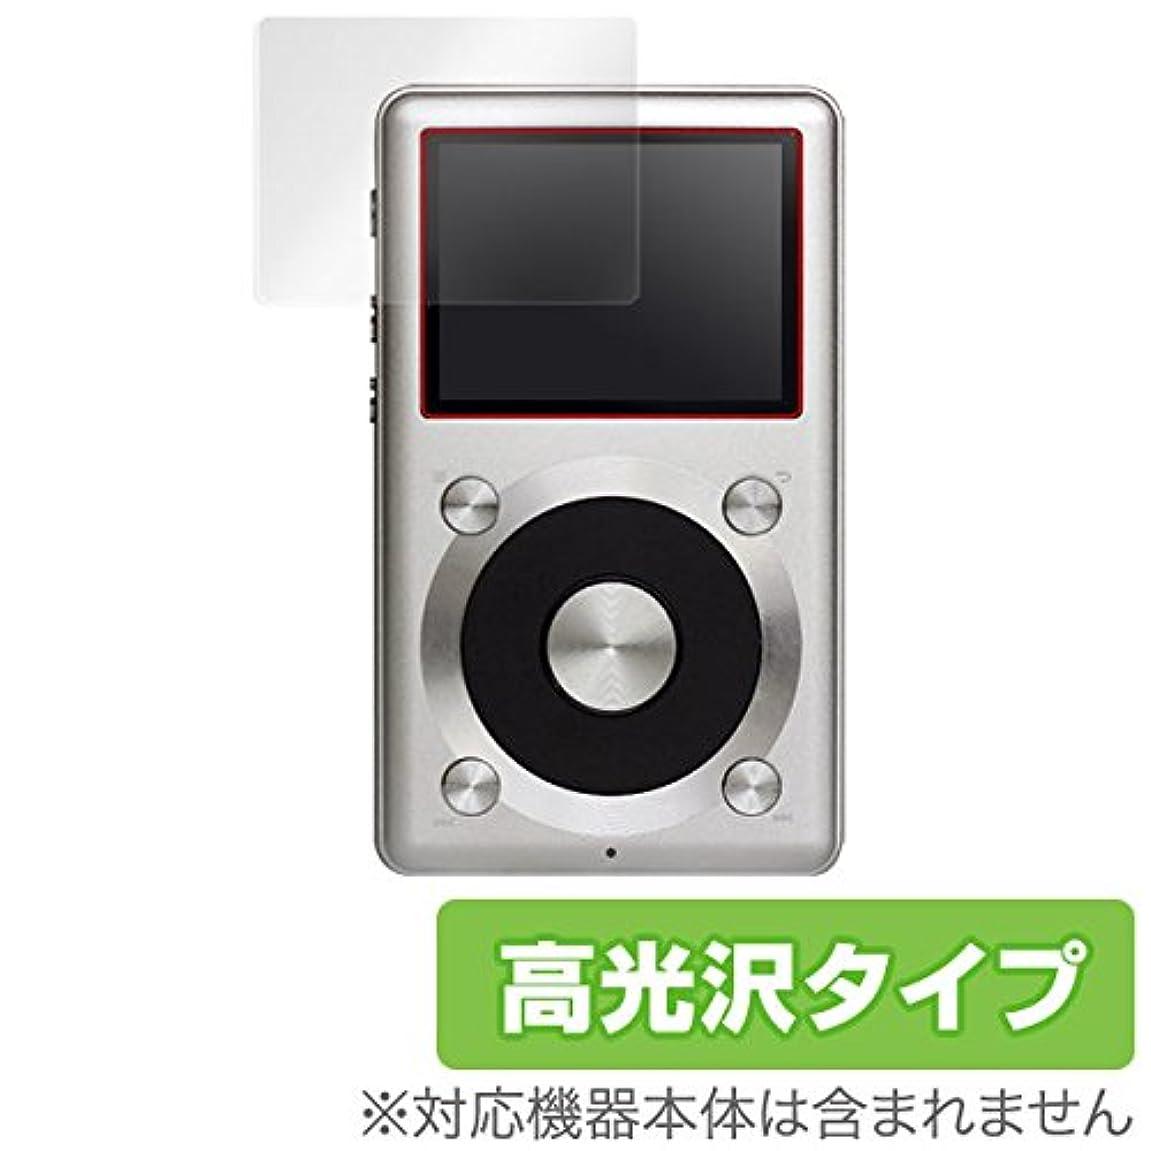 腹シングル禁じるOverLay Brilliant for Fiio X3 2nd generation/X1(2枚組) 指紋がつきにくい フッ素加工 液晶 保護 シート フィルム プロテクター 光沢 グレア OBFIIOX3/2/12